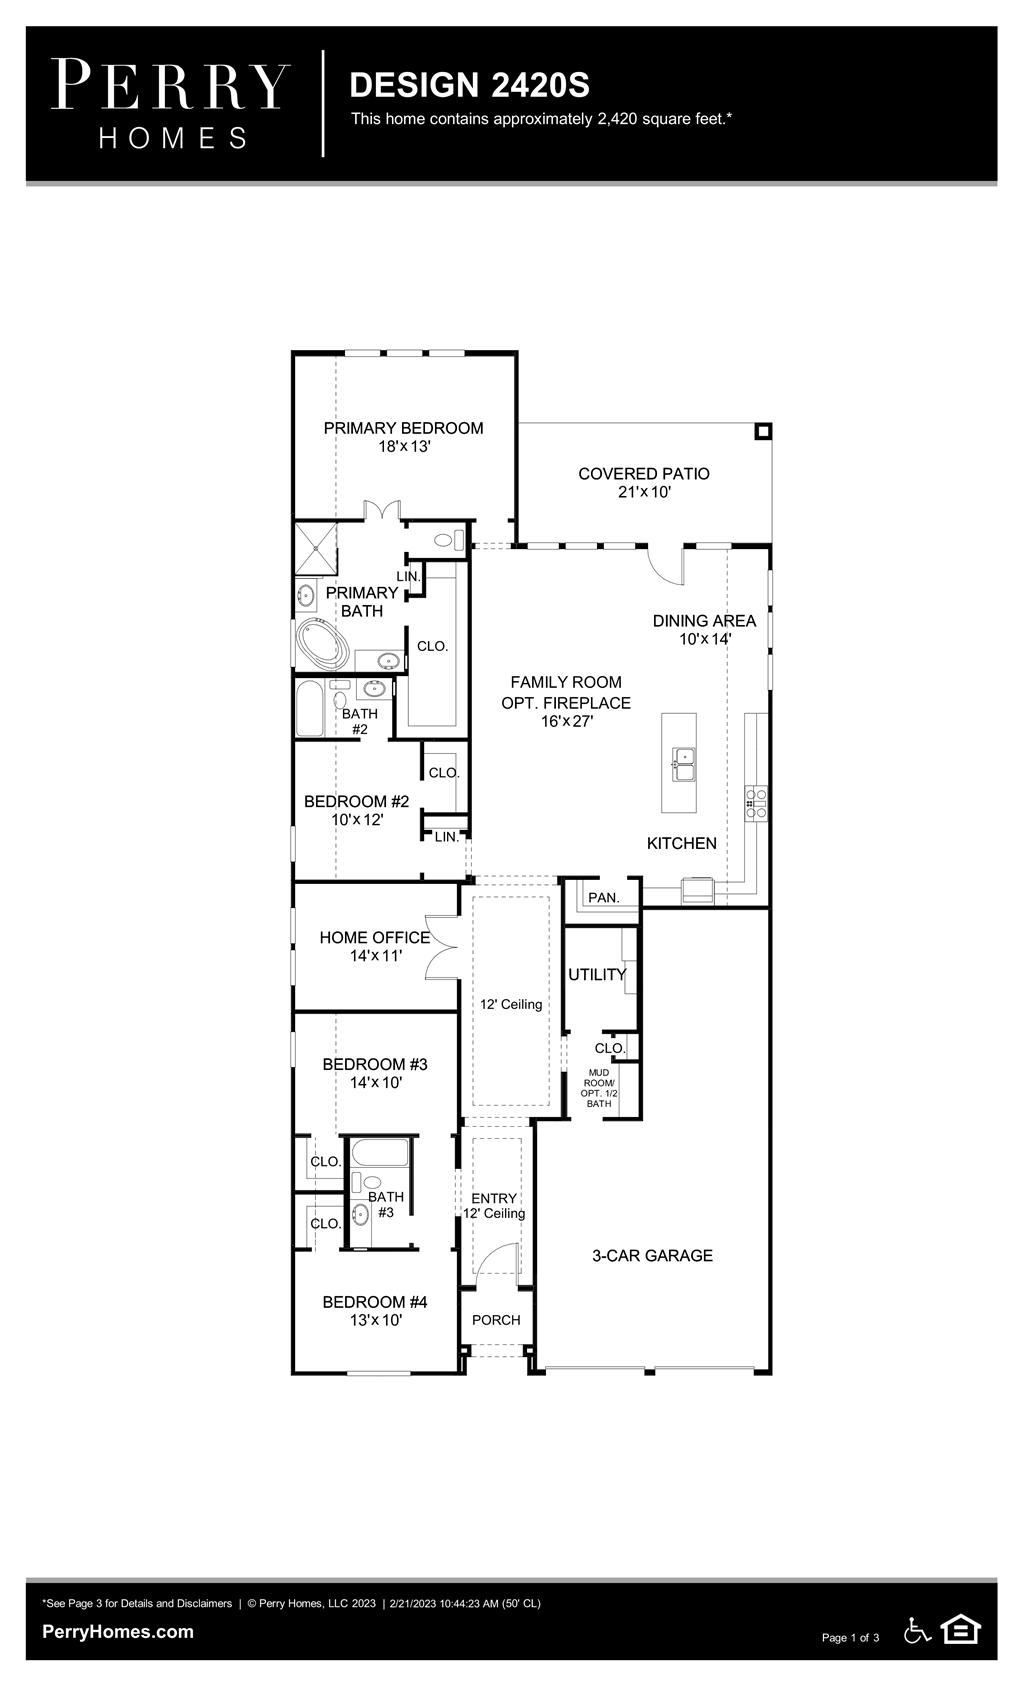 Floor Plan for 2420S